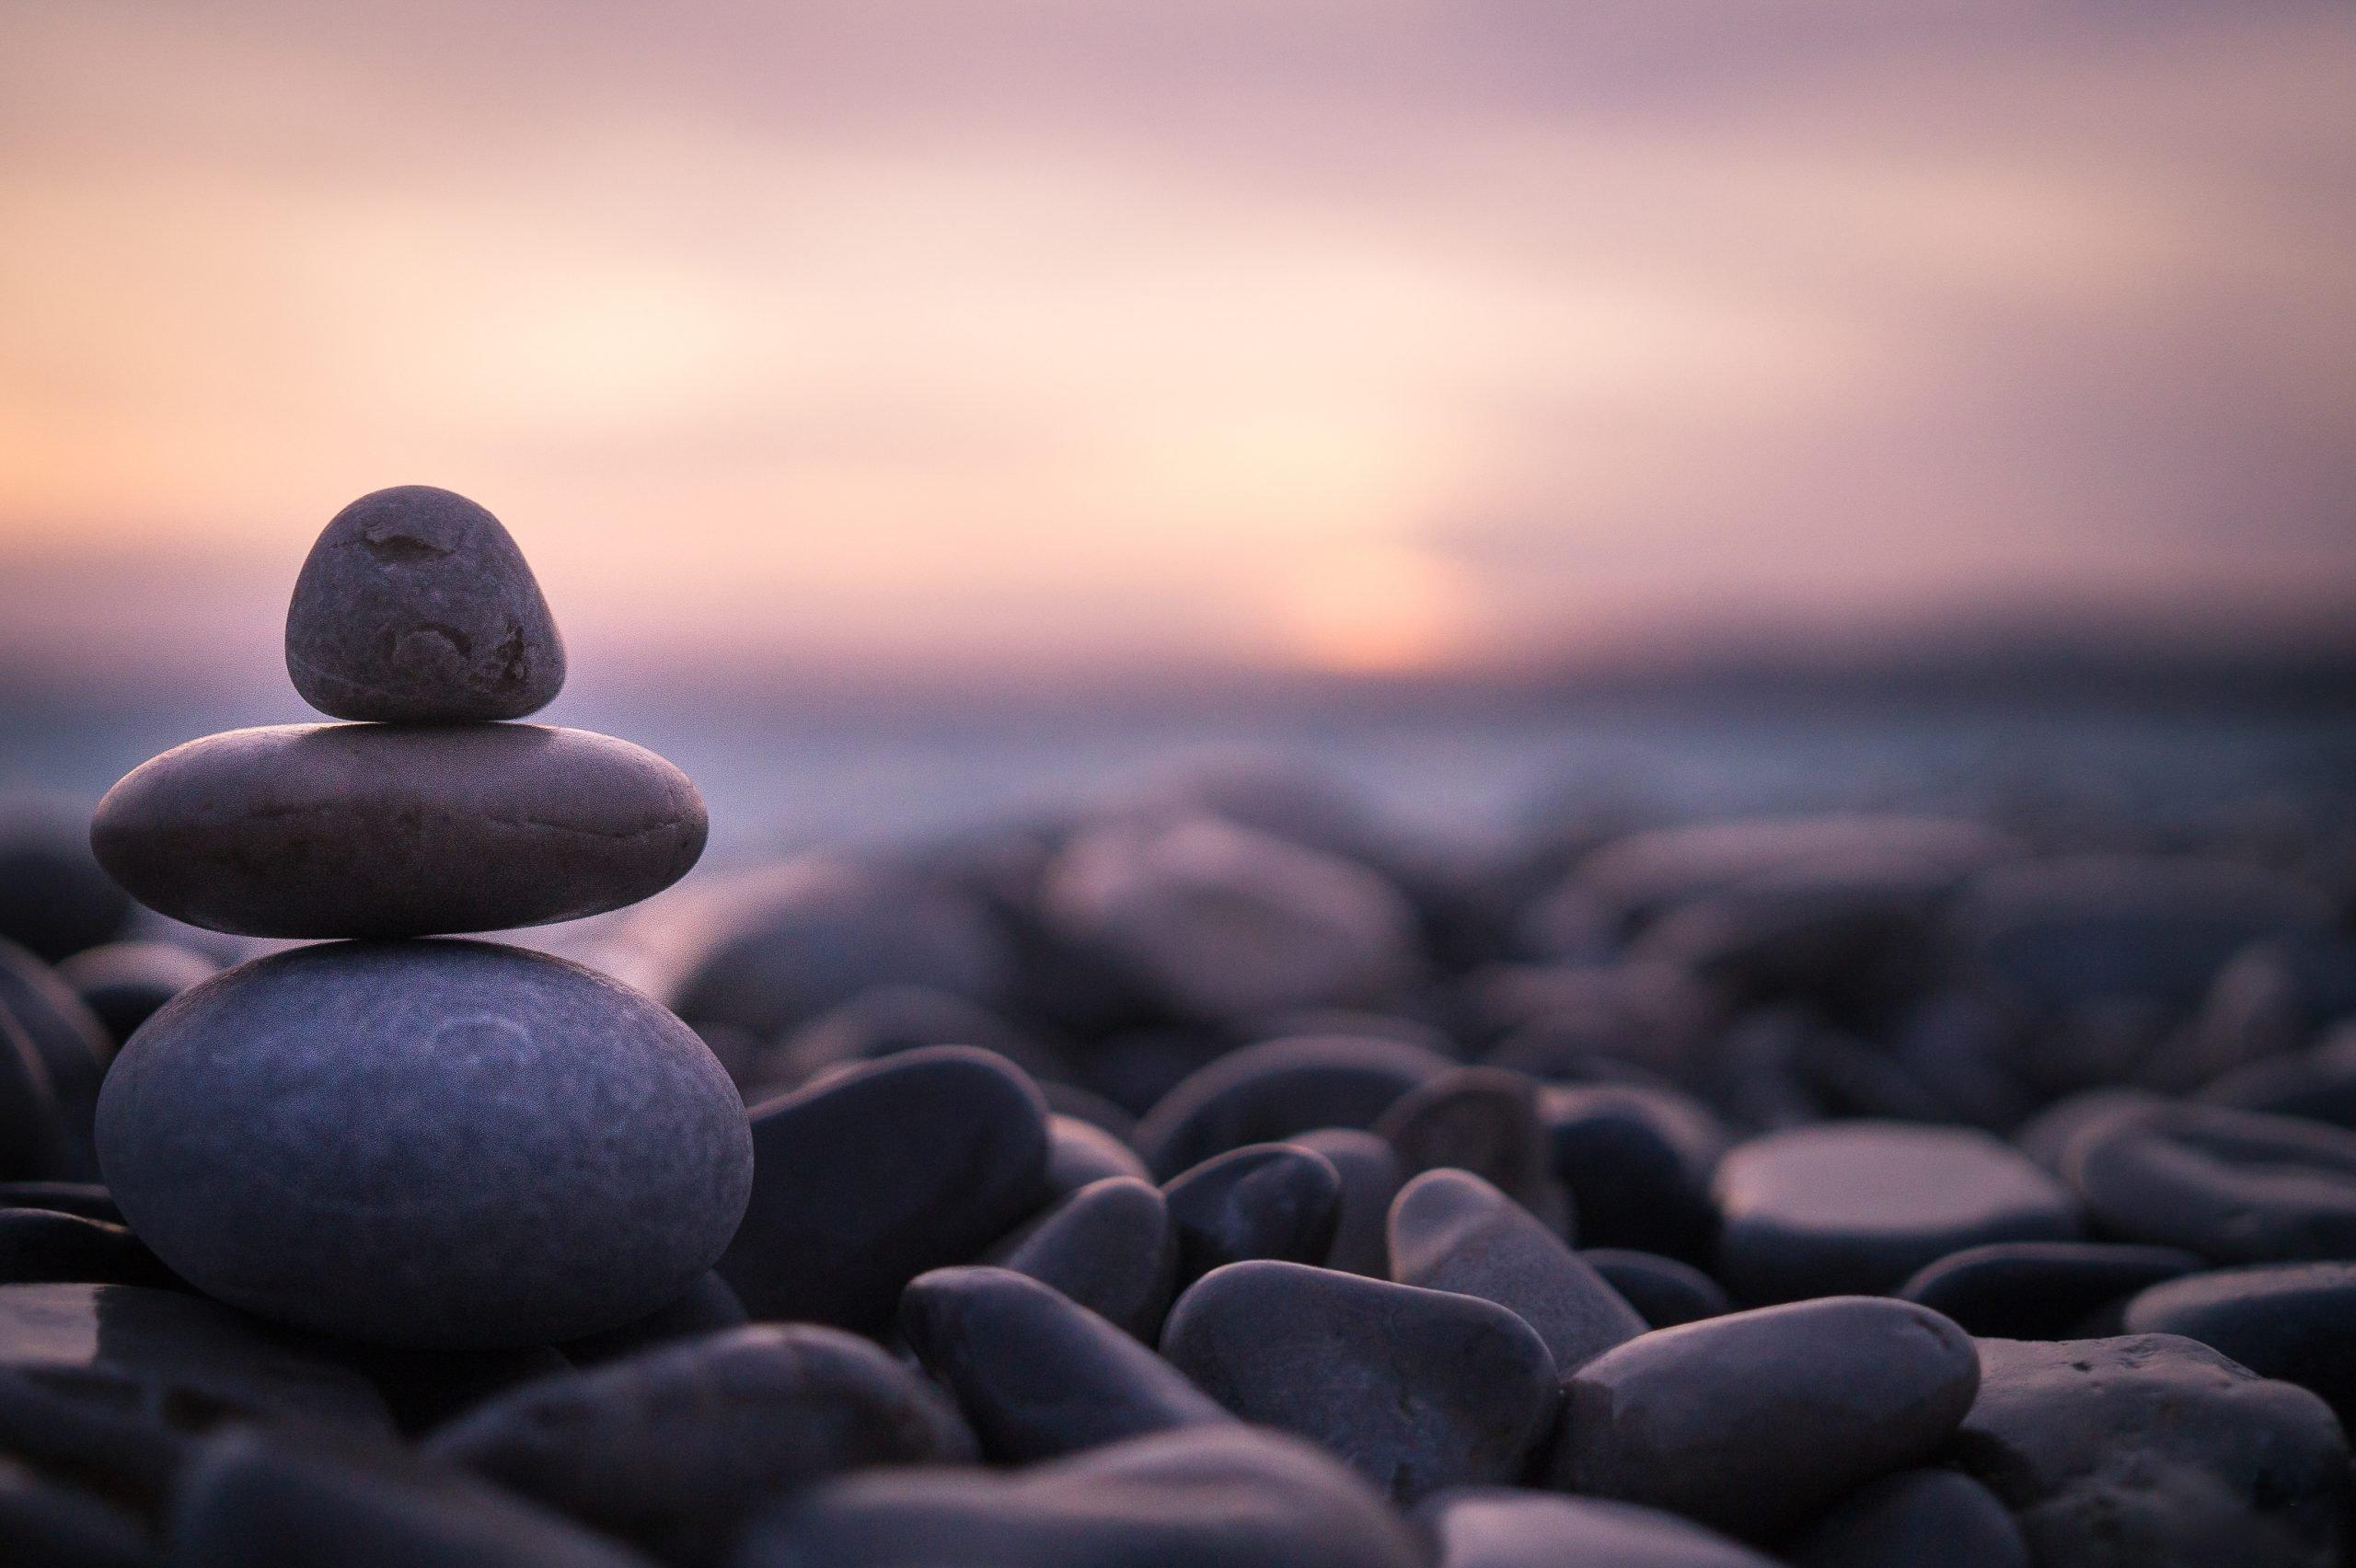 Sunset on pebbles on beach